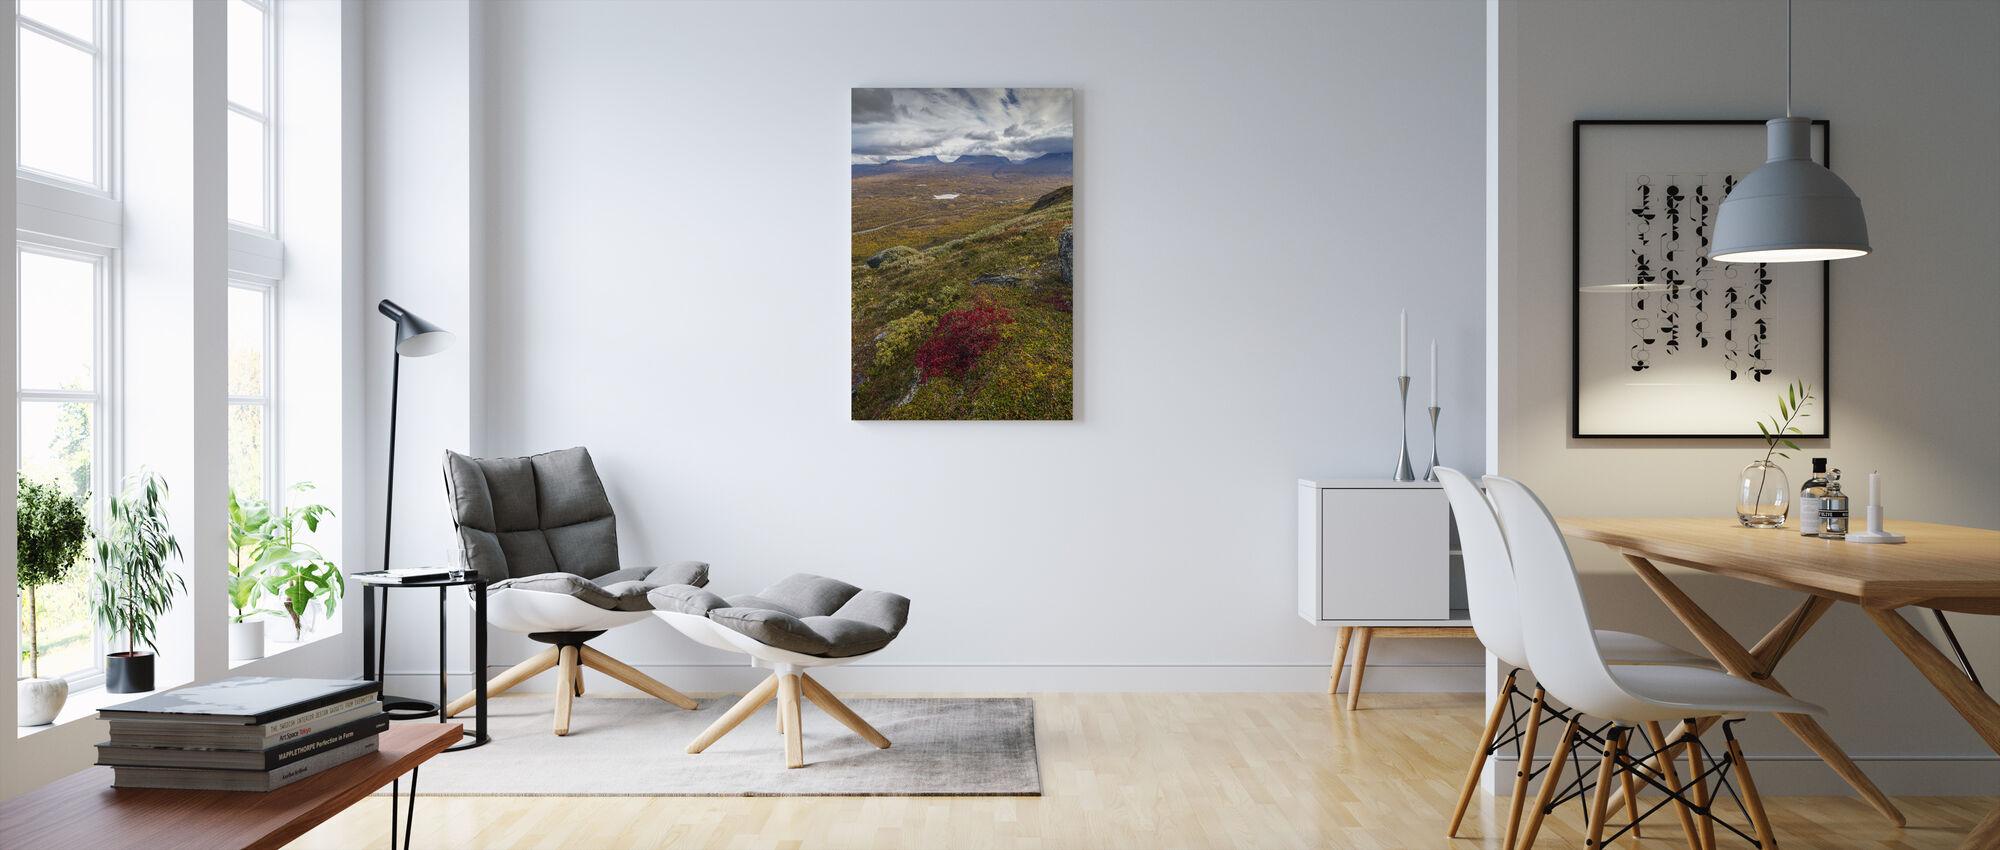 Nuolja Mountain, Abisko - Sweden - Billede på lærred - Stue